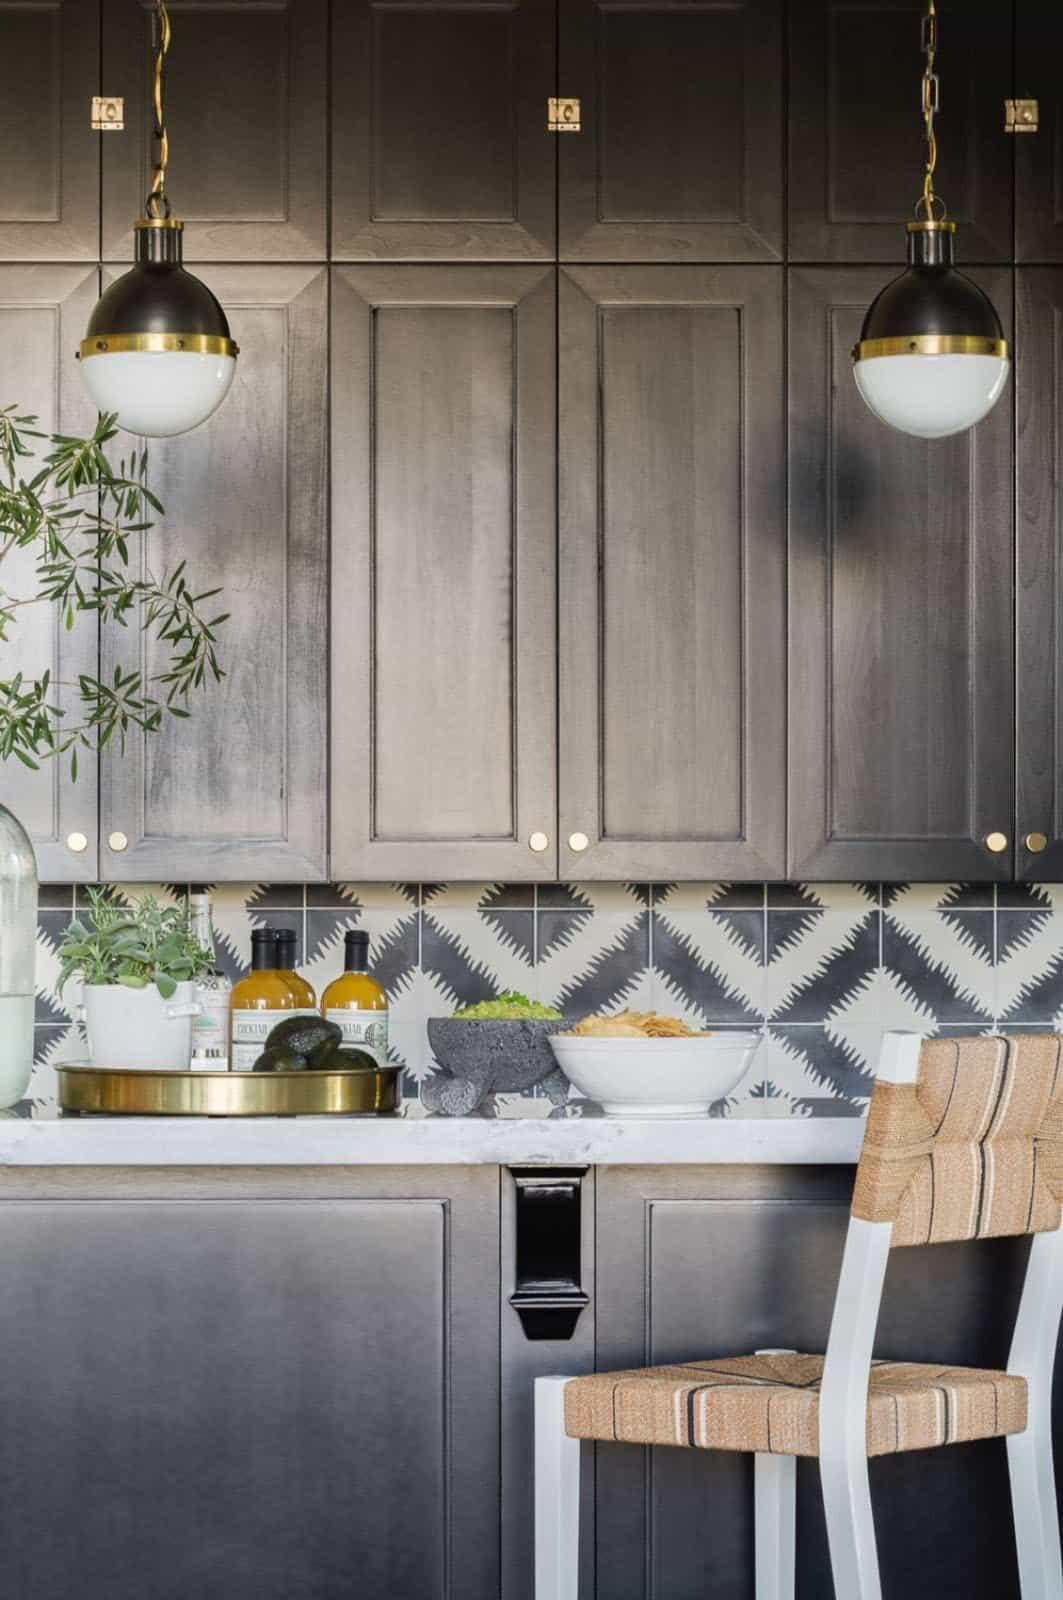 mediterranean-inspired-home-bar-with-designer-backsplash-tile